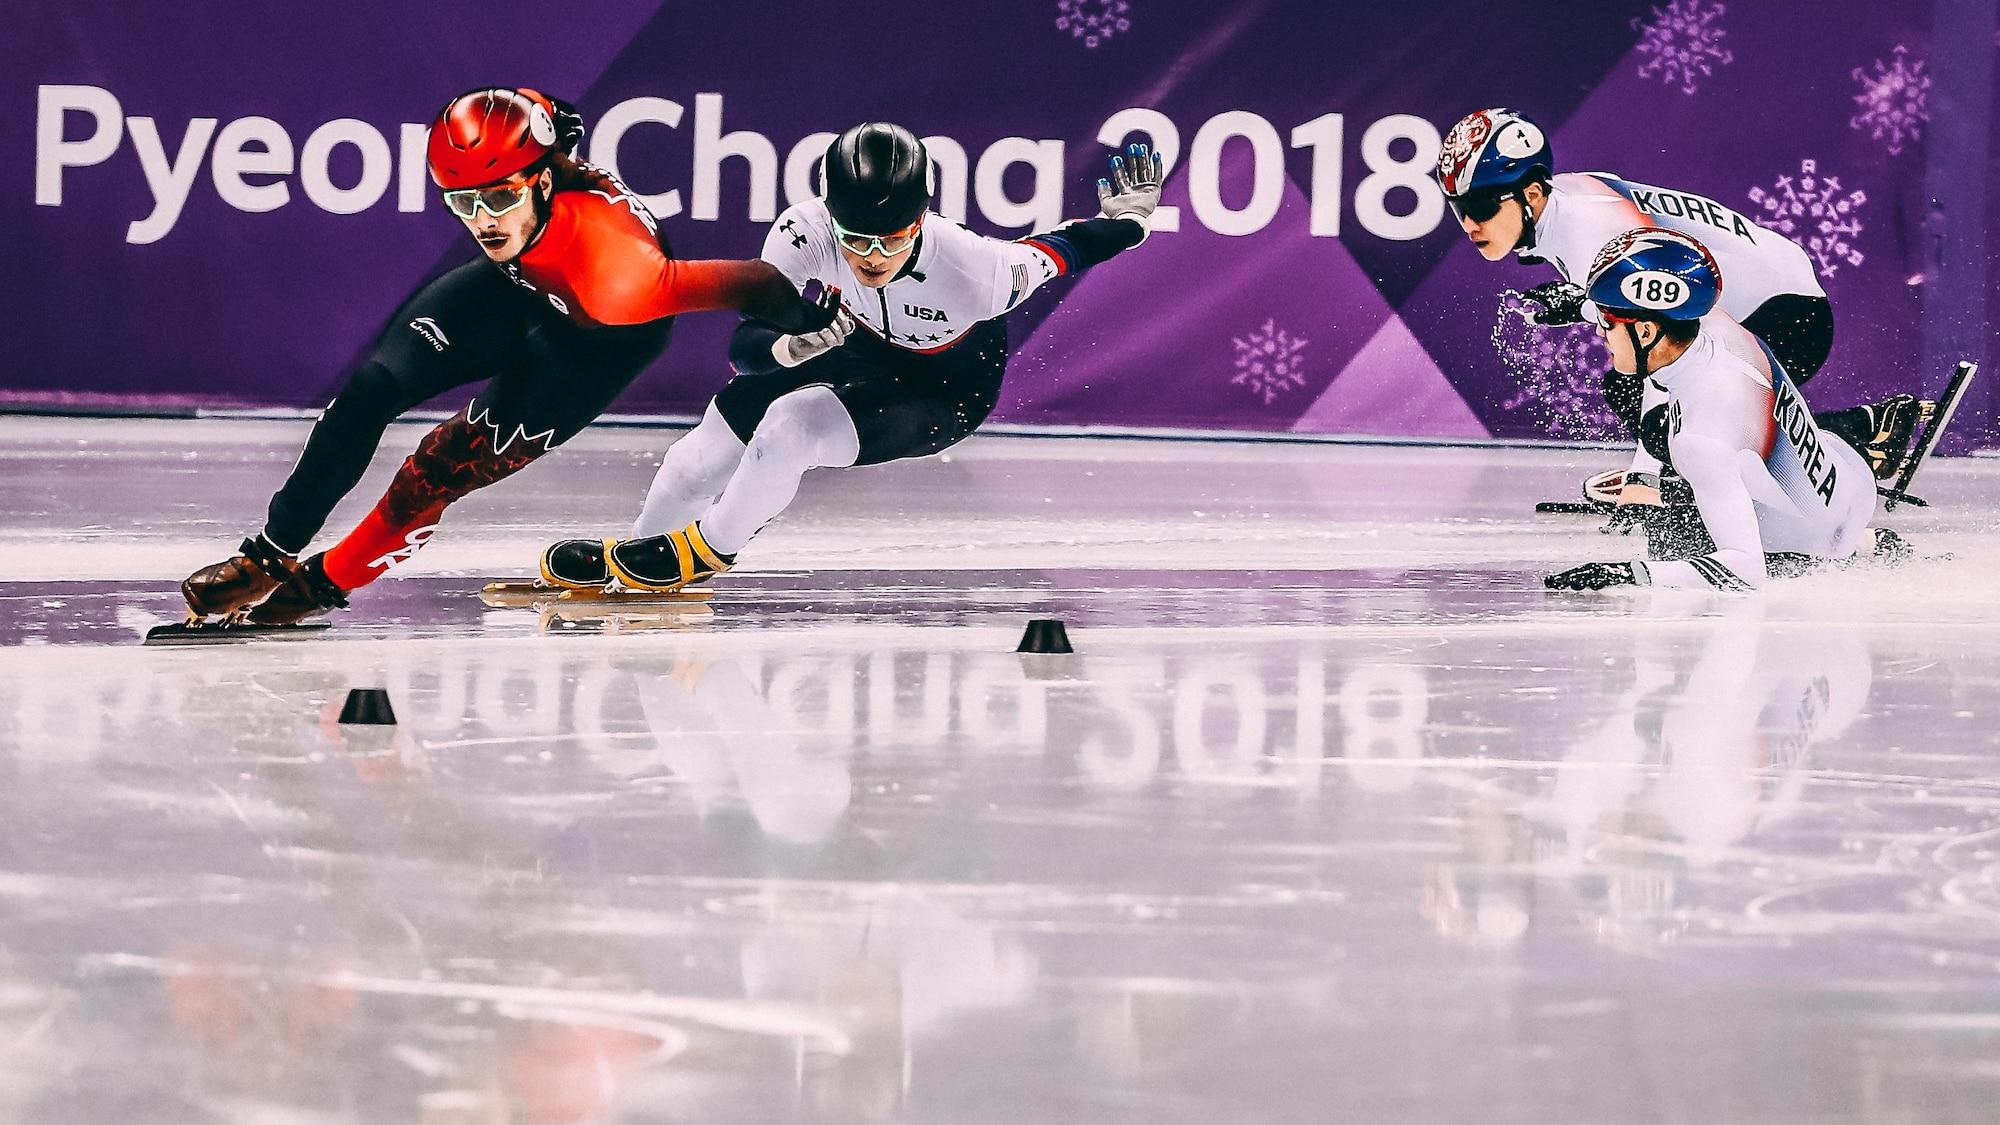 Samuel Girard devant l'Américain John-Henry Krueger et les Sud-Coréens Yira Seo et Hyojun Lim, qui chute, en finale du 1000 m aux Jeux olympiques de Pyeongchang.